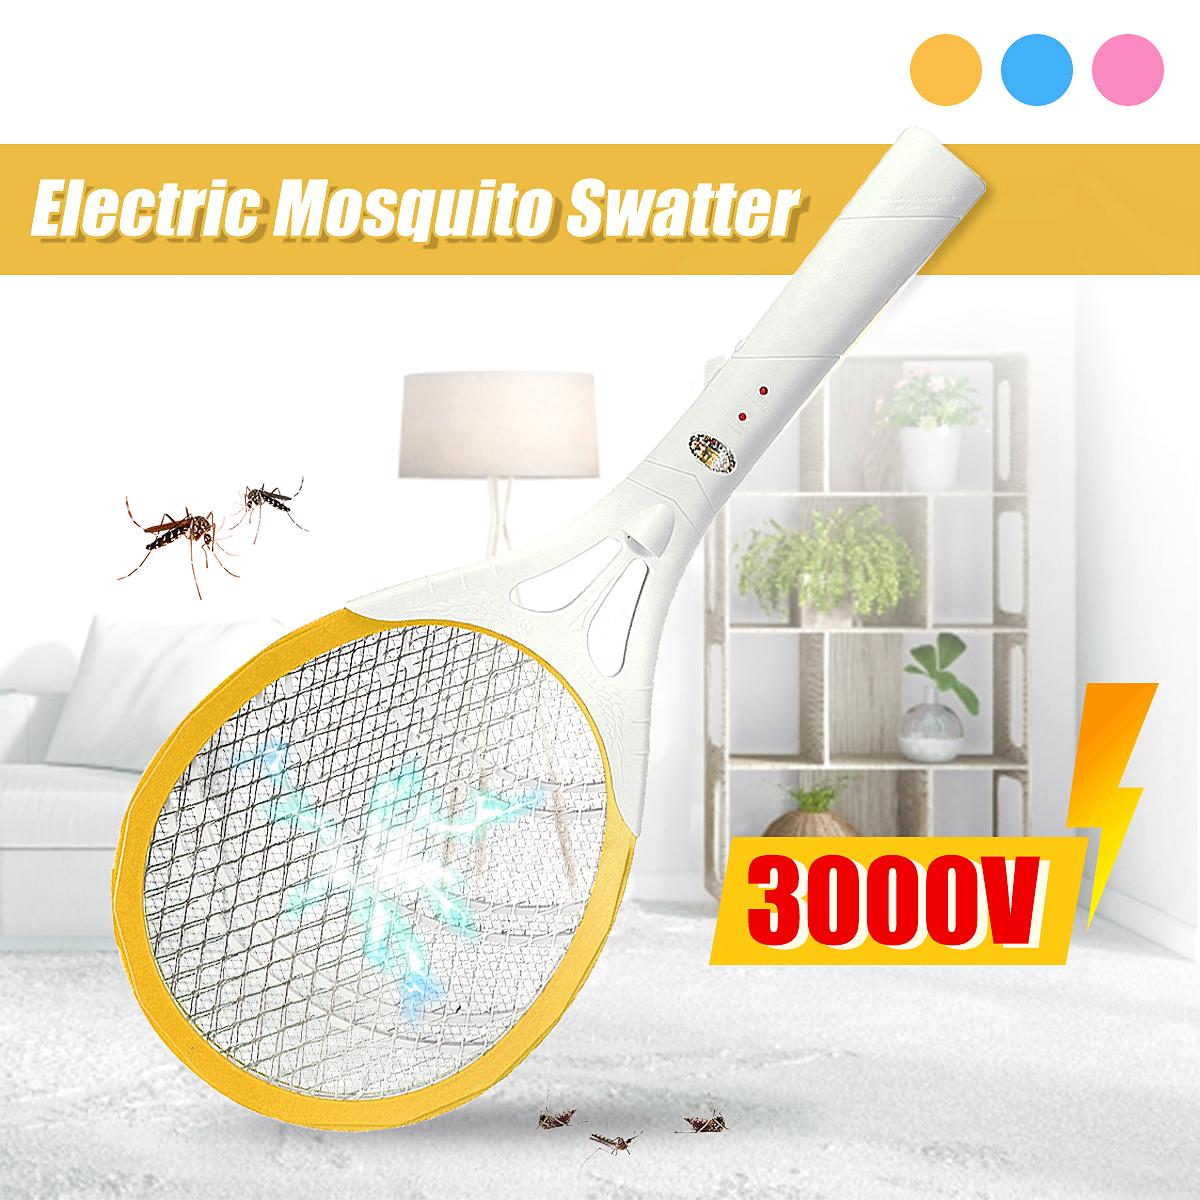 Мухобойка электрическая Мухобойка Мухобойка Zapper Bug Zapper Ракетка для тенниса Форма Убивает насекомых Комариные кома - фото 2